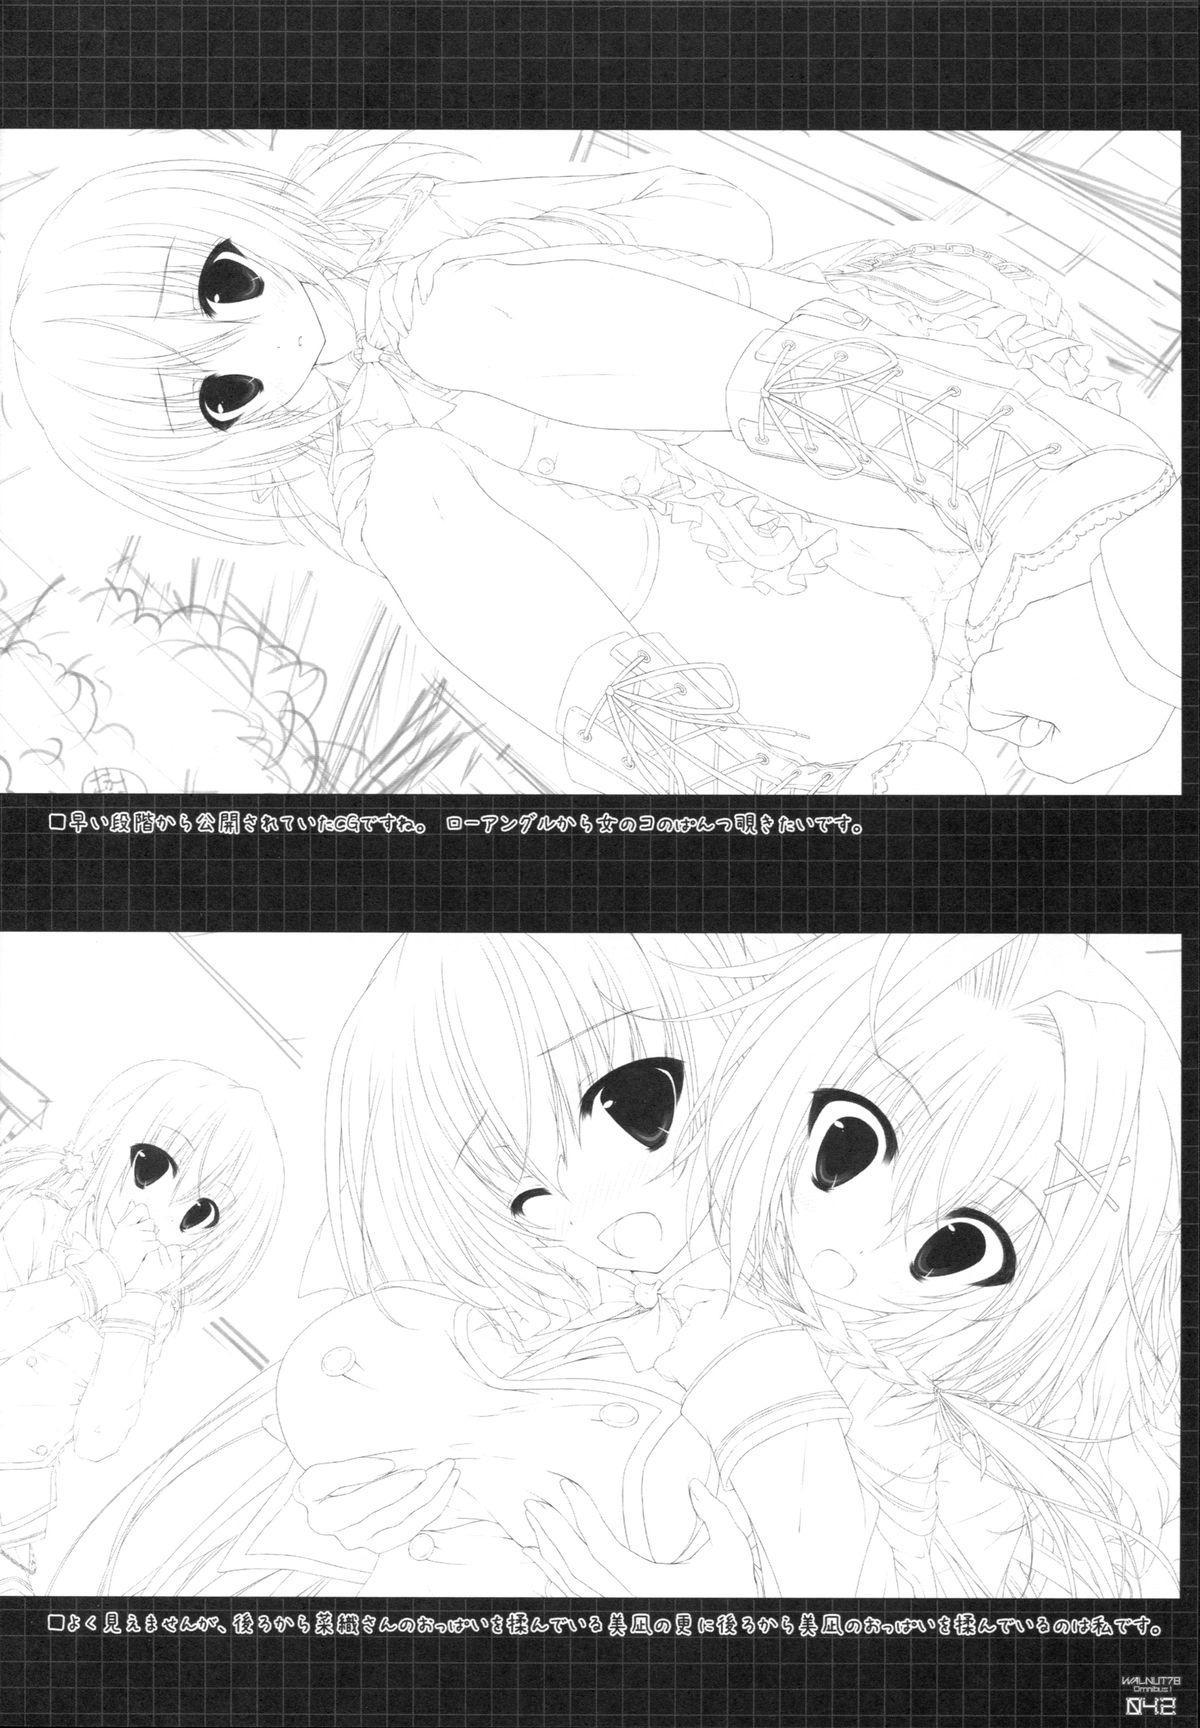 (C89) [Sui-en (Sui-en)] WALNUT78 Omnibus 1 -Suien-en Illustrations 2012-2014- (Various) 39